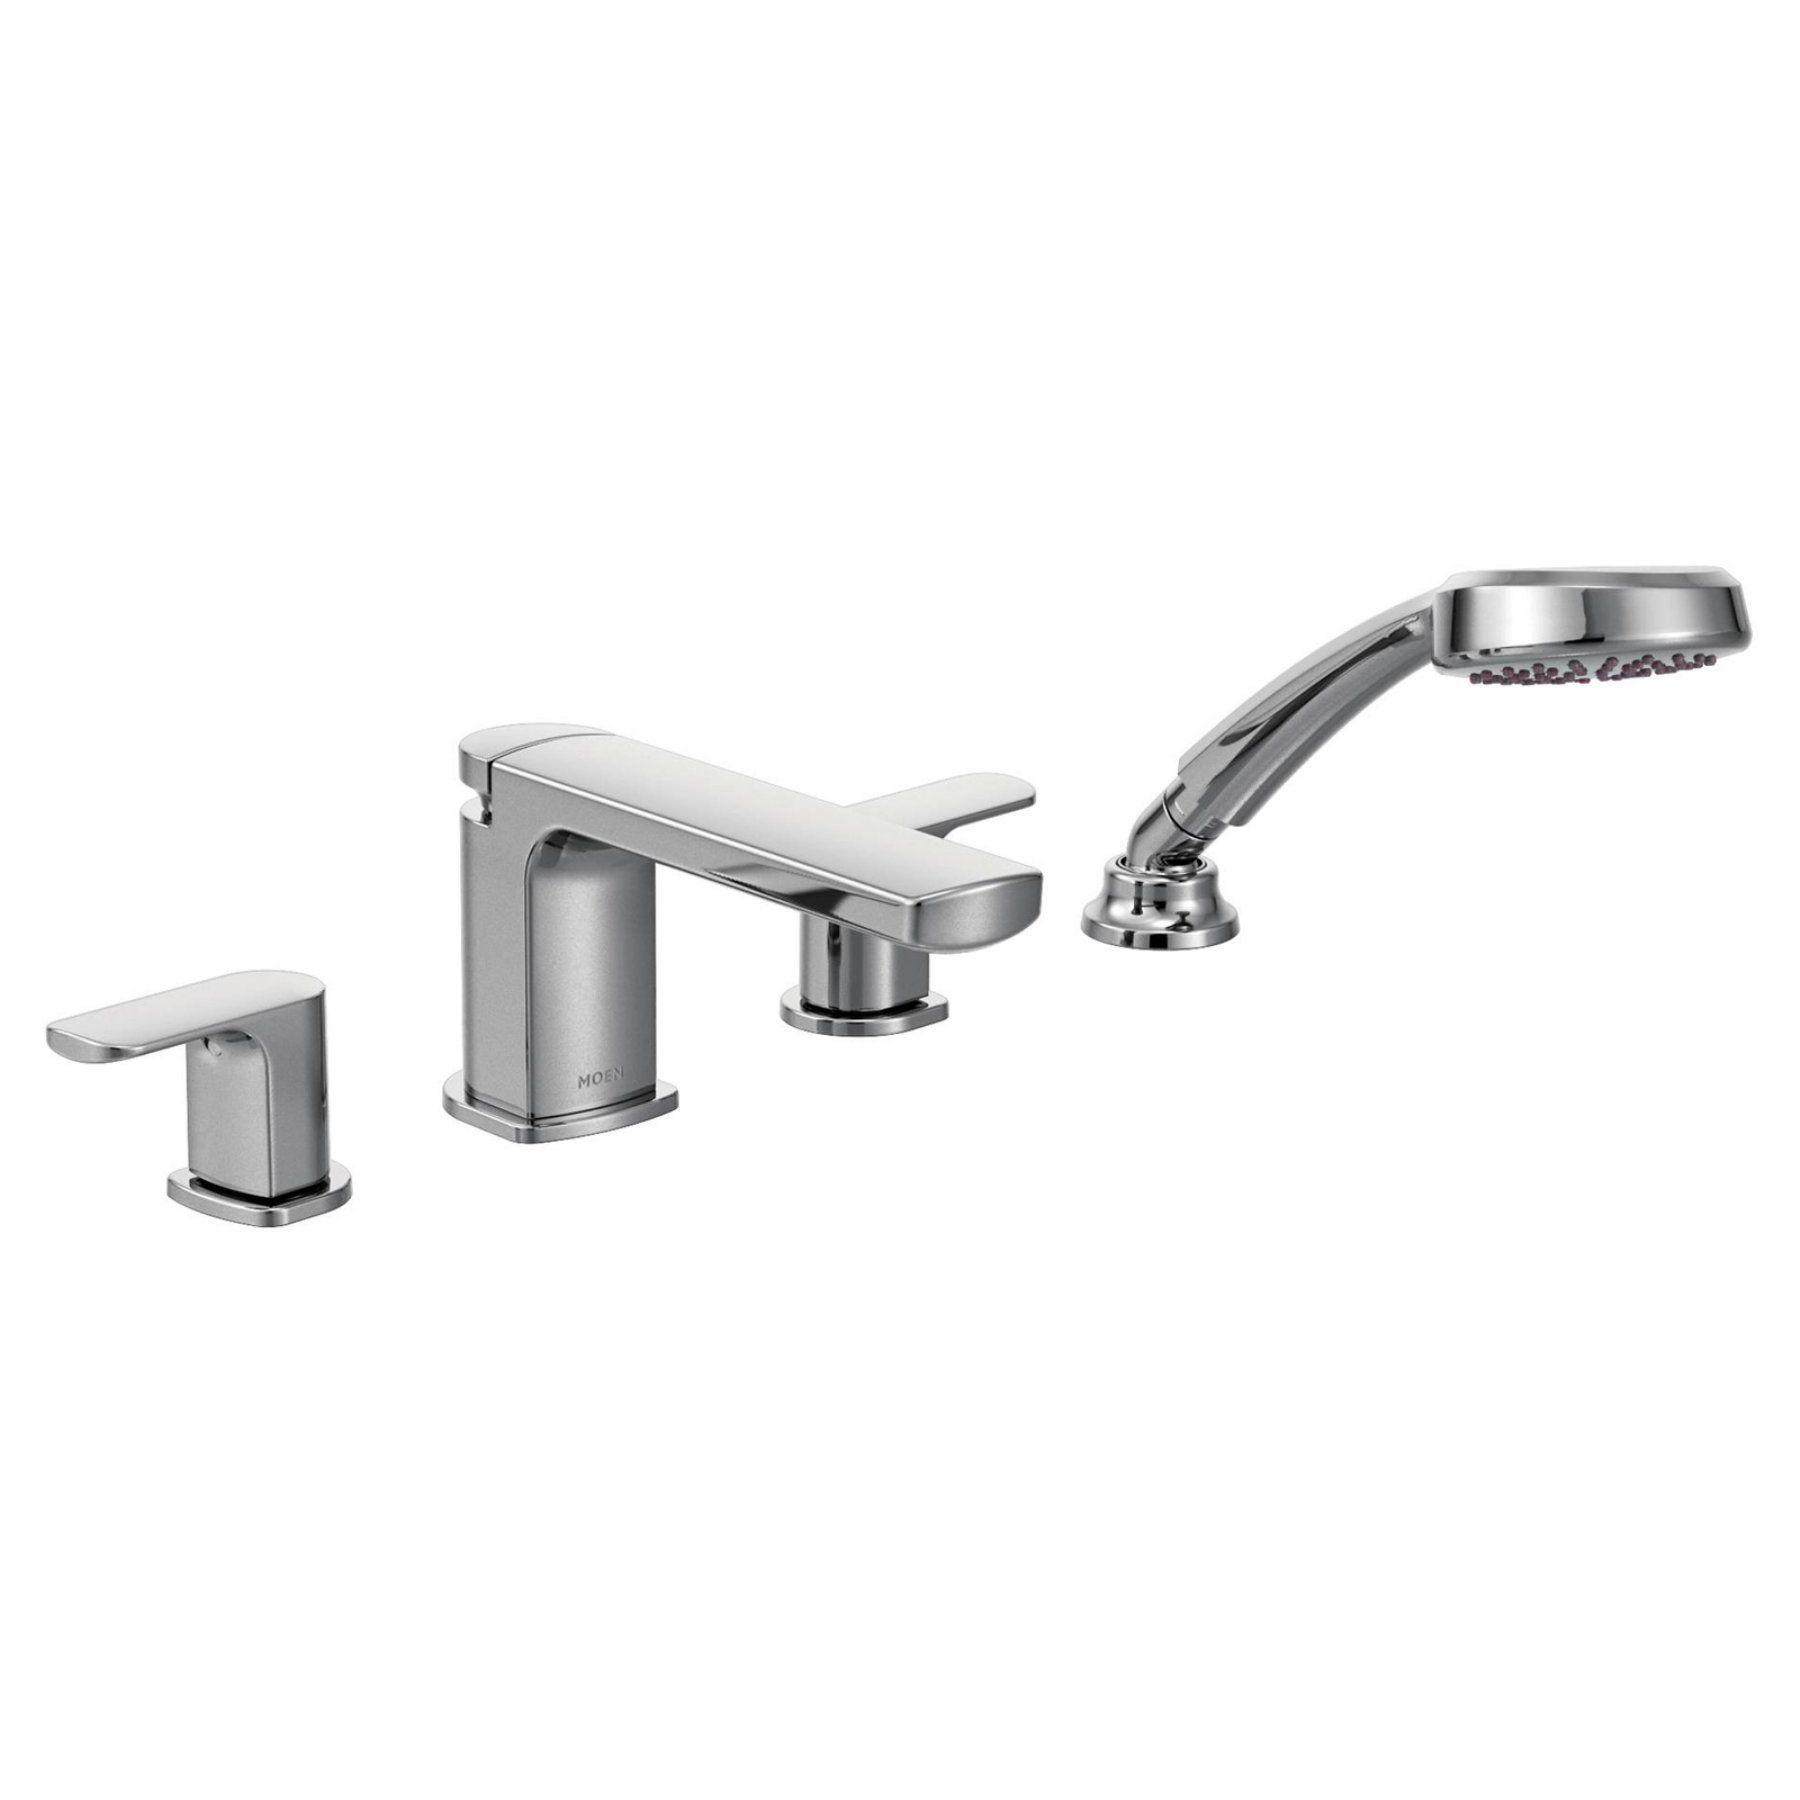 Moen Rizon Chrome Two Handle Low Arc Roman Tub Faucet Includes